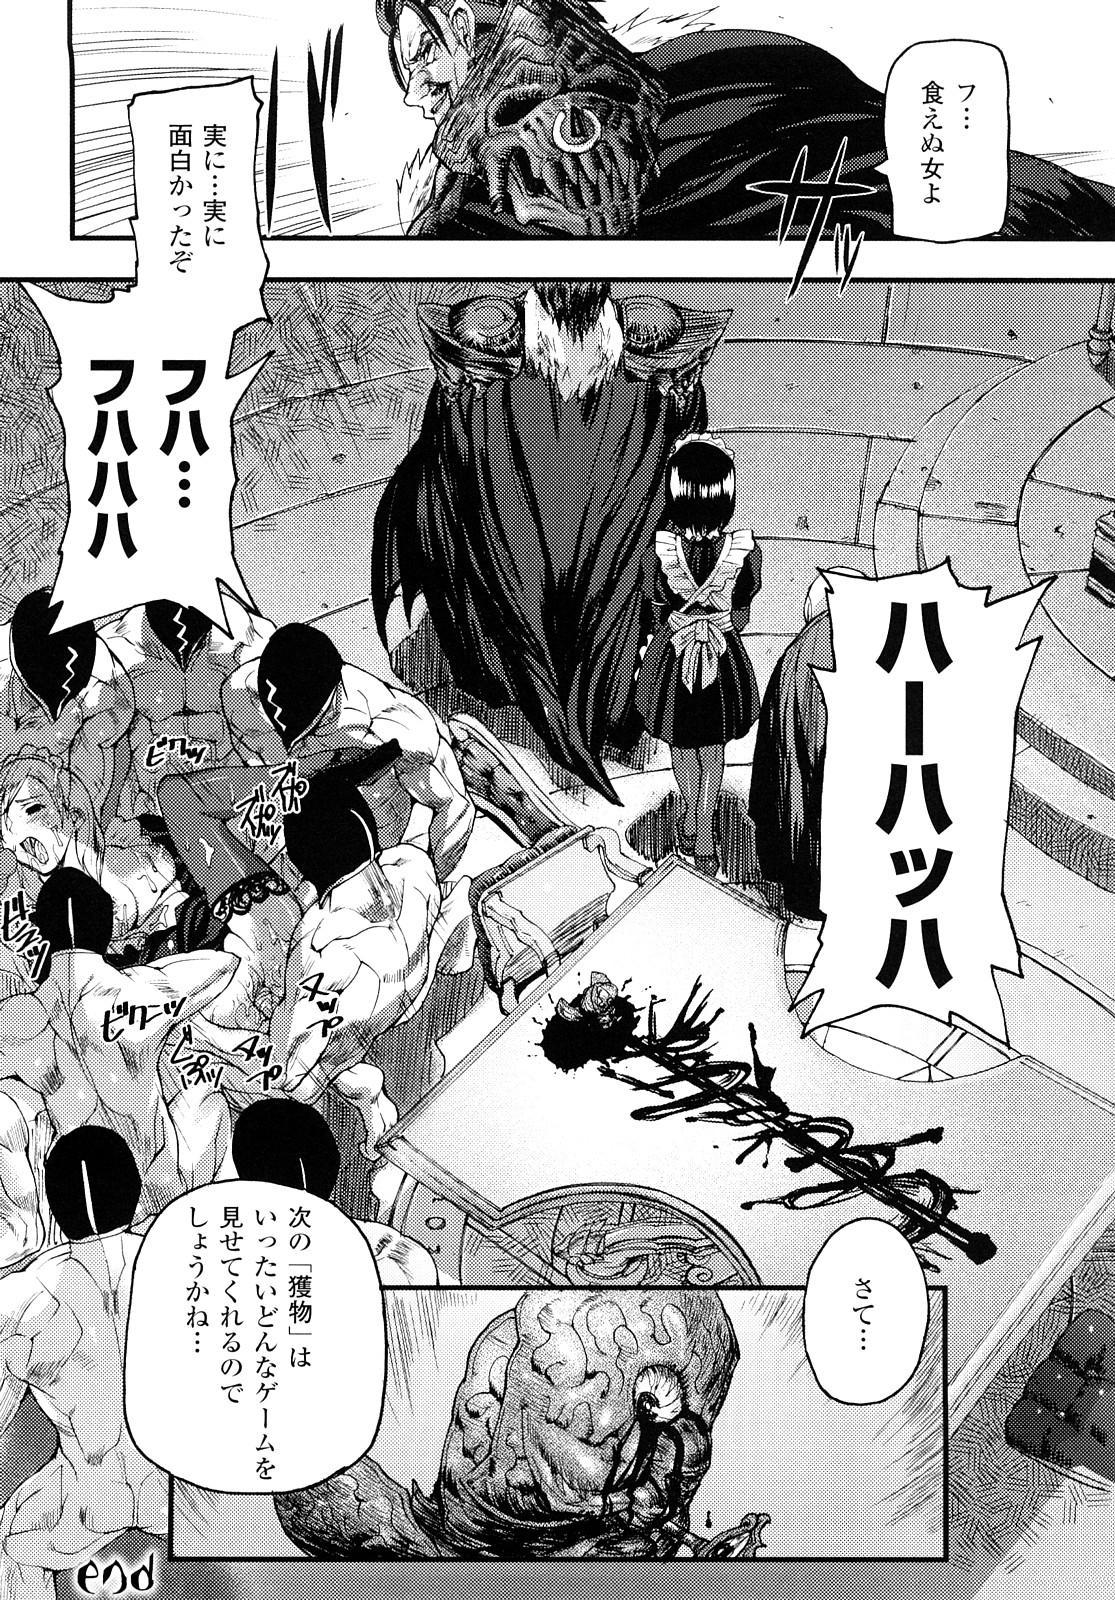 Cerberum no Hitsugi Haitoku no Hanmegami - The Coffin of Cerebrum Immoral Demivenus 26